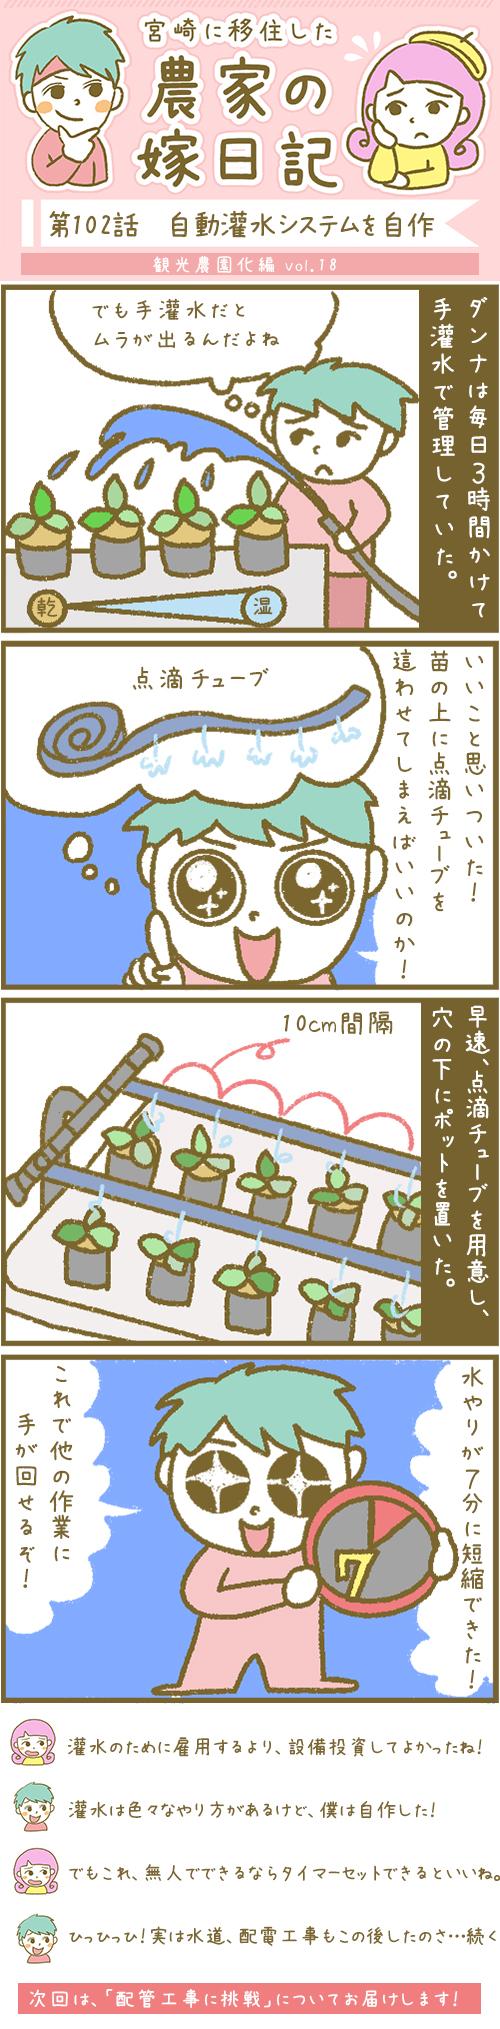 漫画第102話